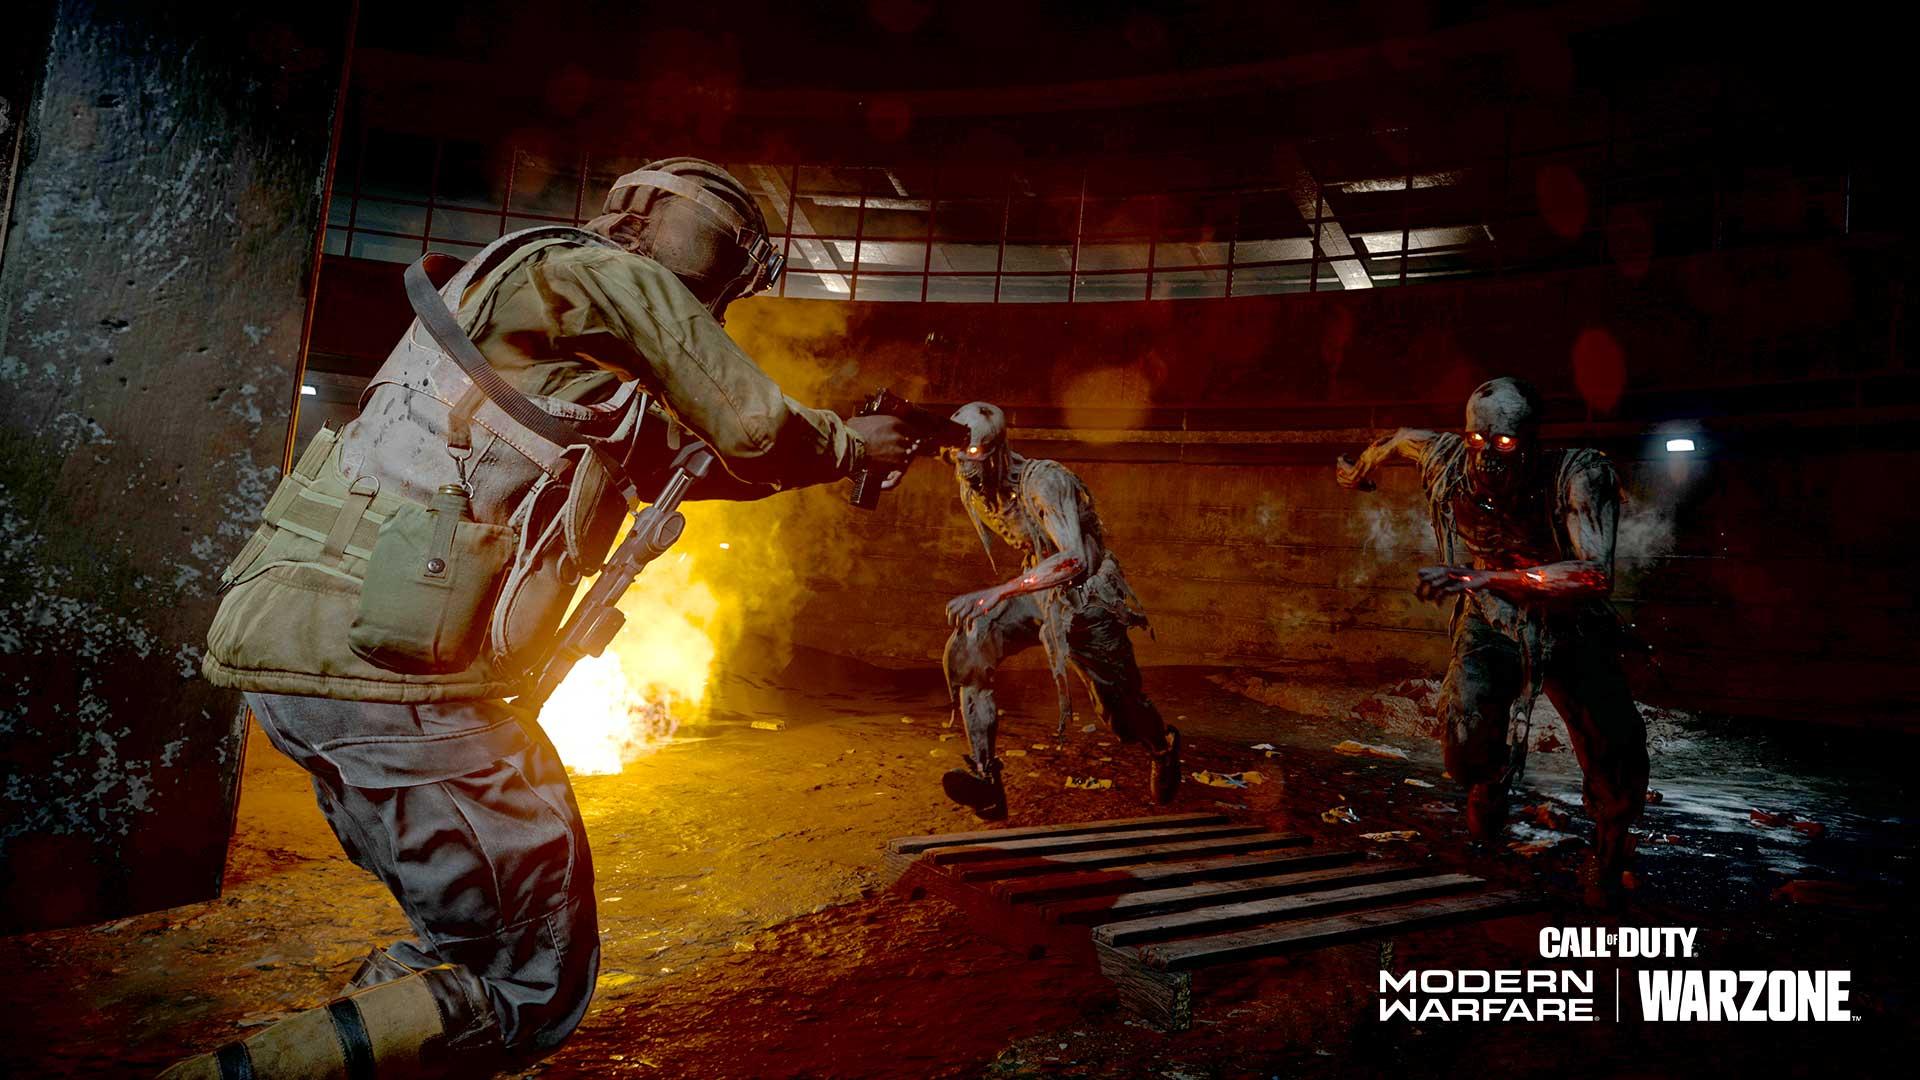 modern warfare, warzone